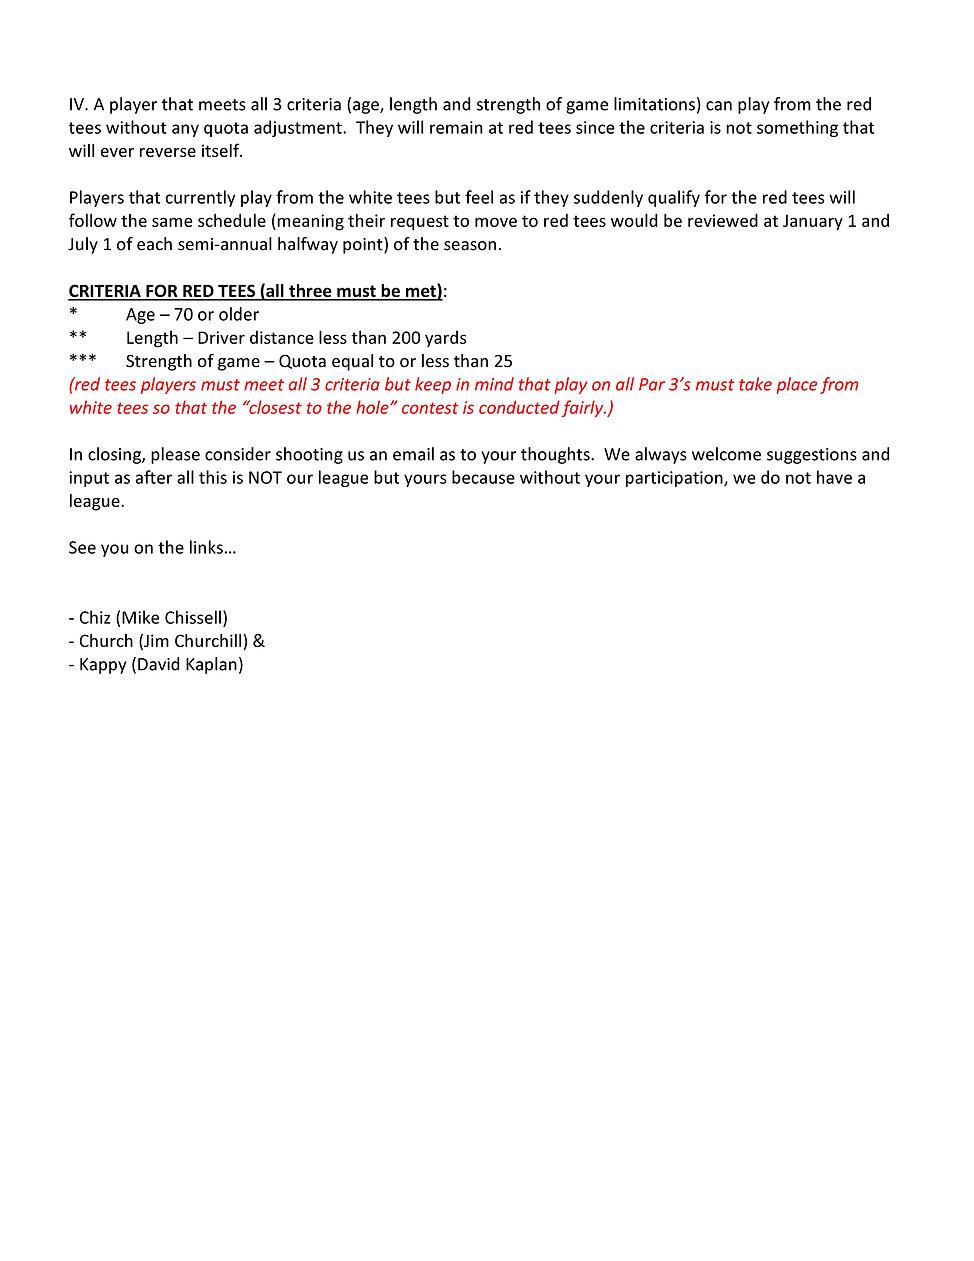 League letter_Page_2.jpg